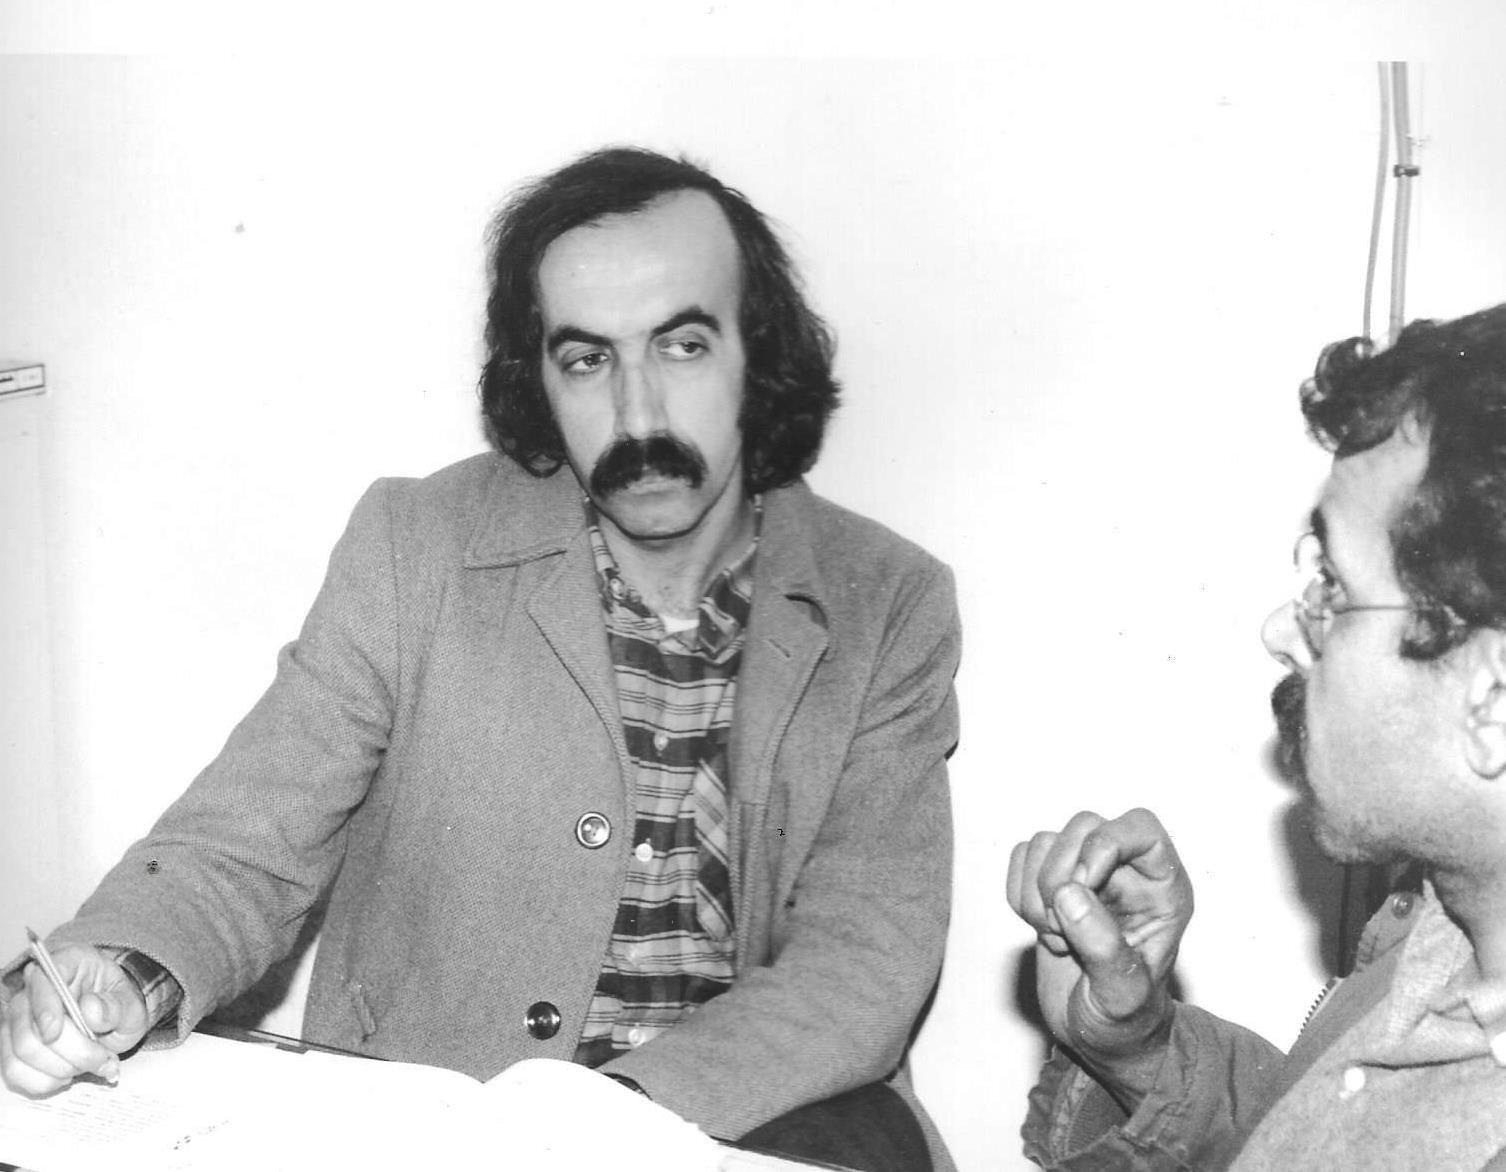 Nori-Touhami,-1er-assistant,-JP-Lledo-Prépa-LUMIERES;-printemps-1988